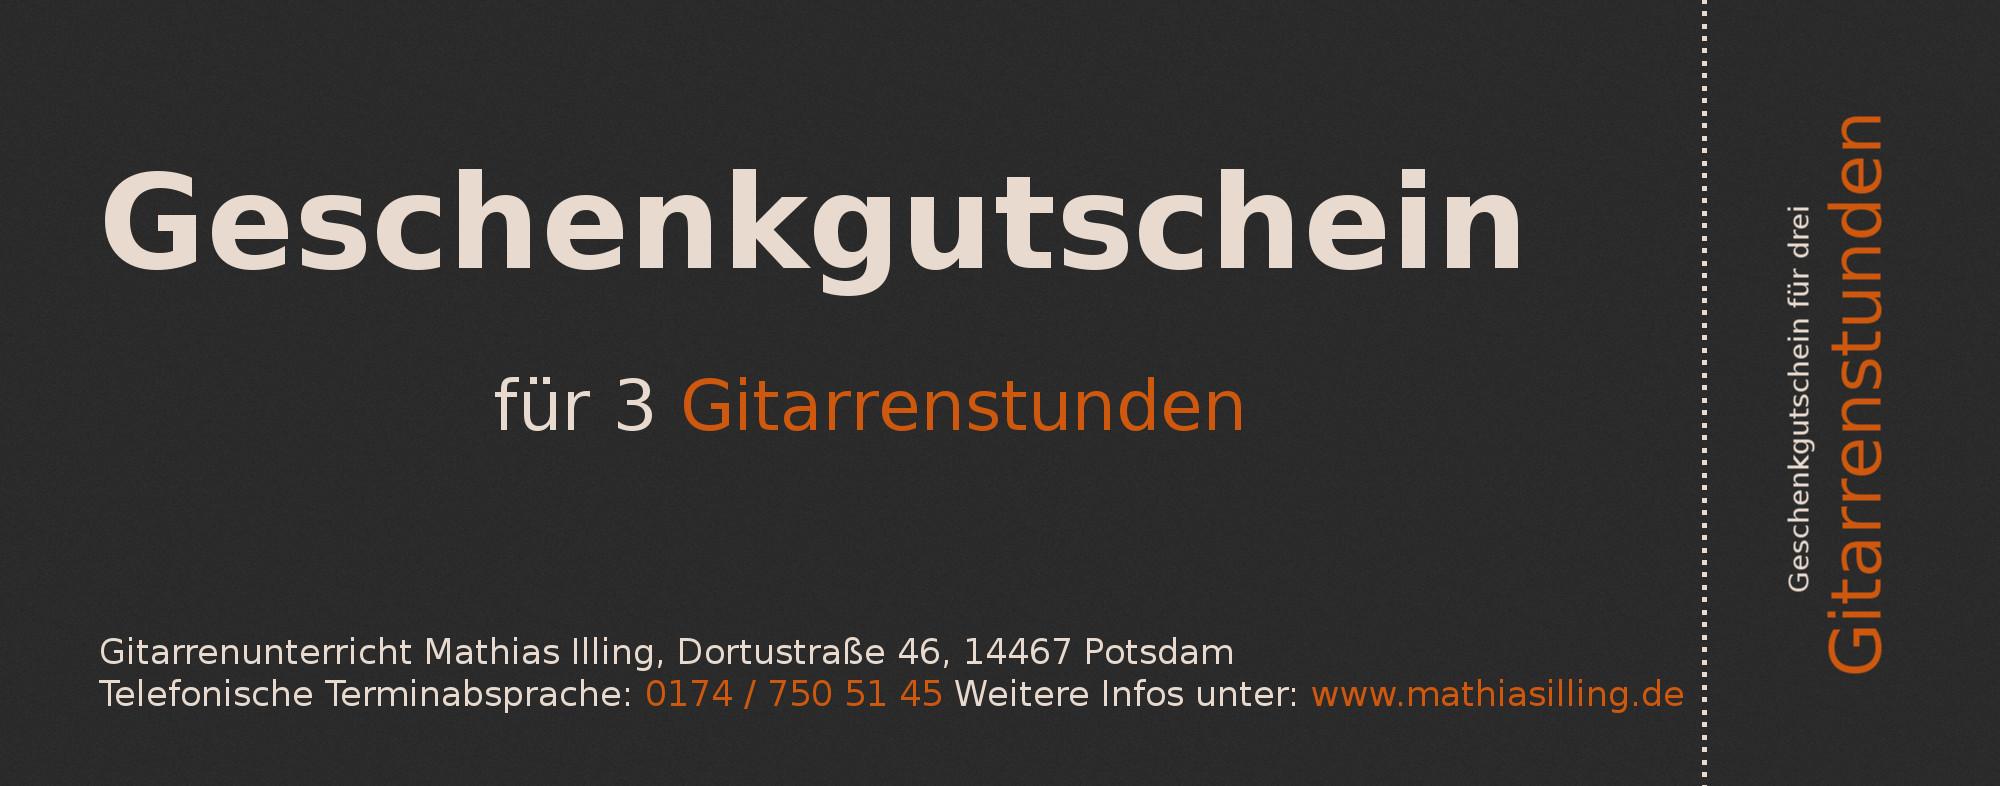 Geschenkgutschein für drei Gitarrenstunden in Potsdam, Geschenkidee, Geschenk für Potsdam